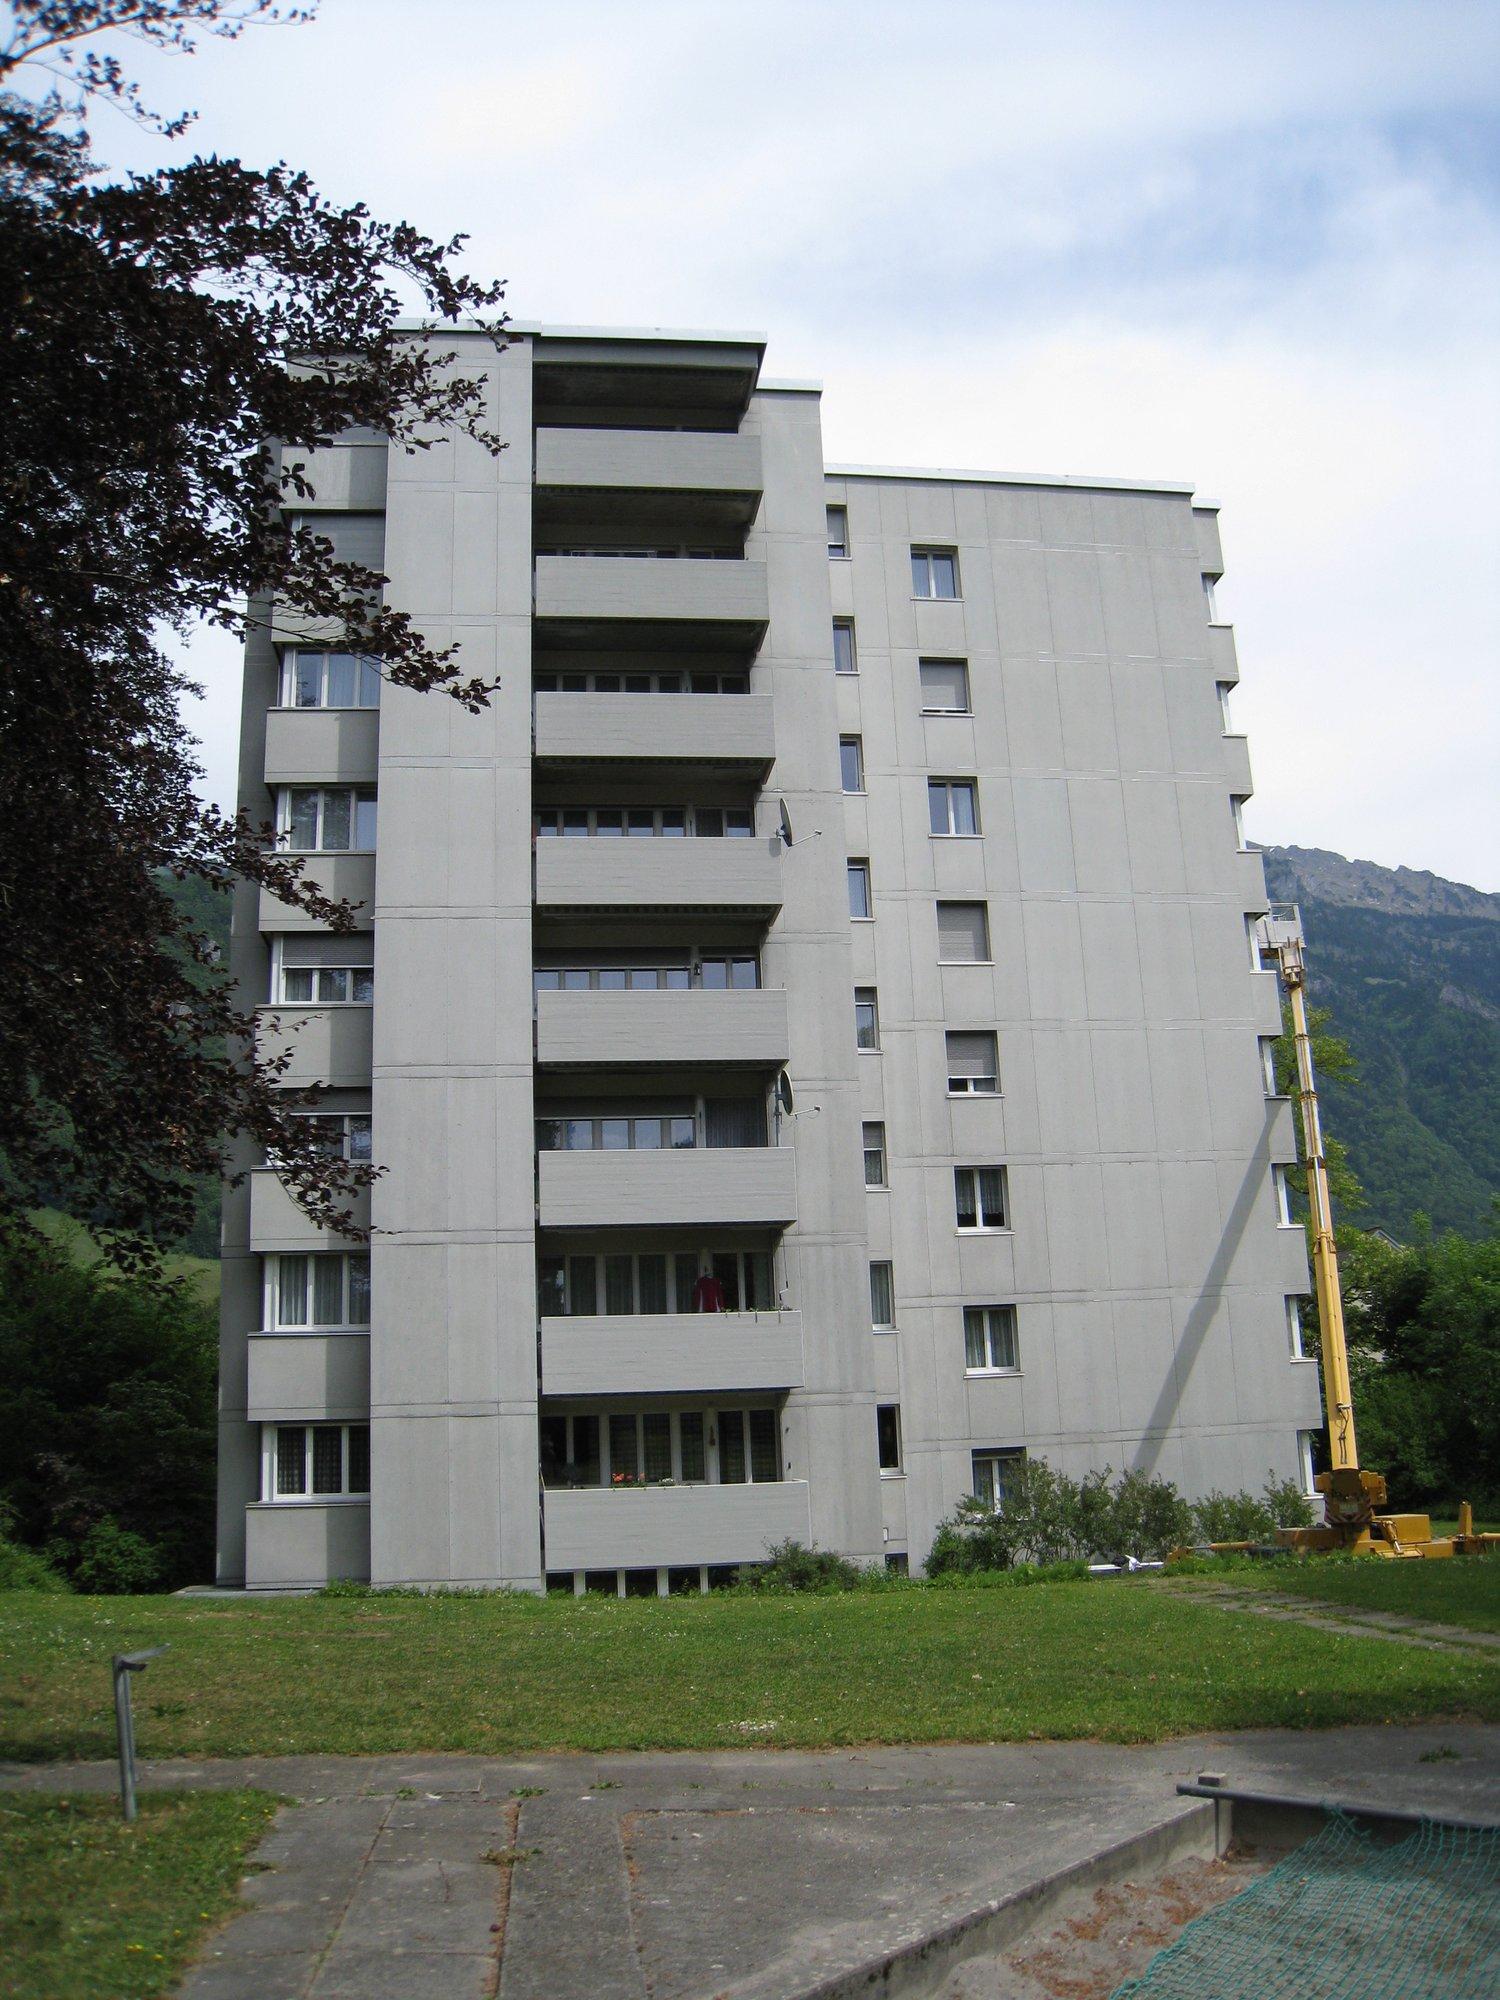 Landstrasse 55